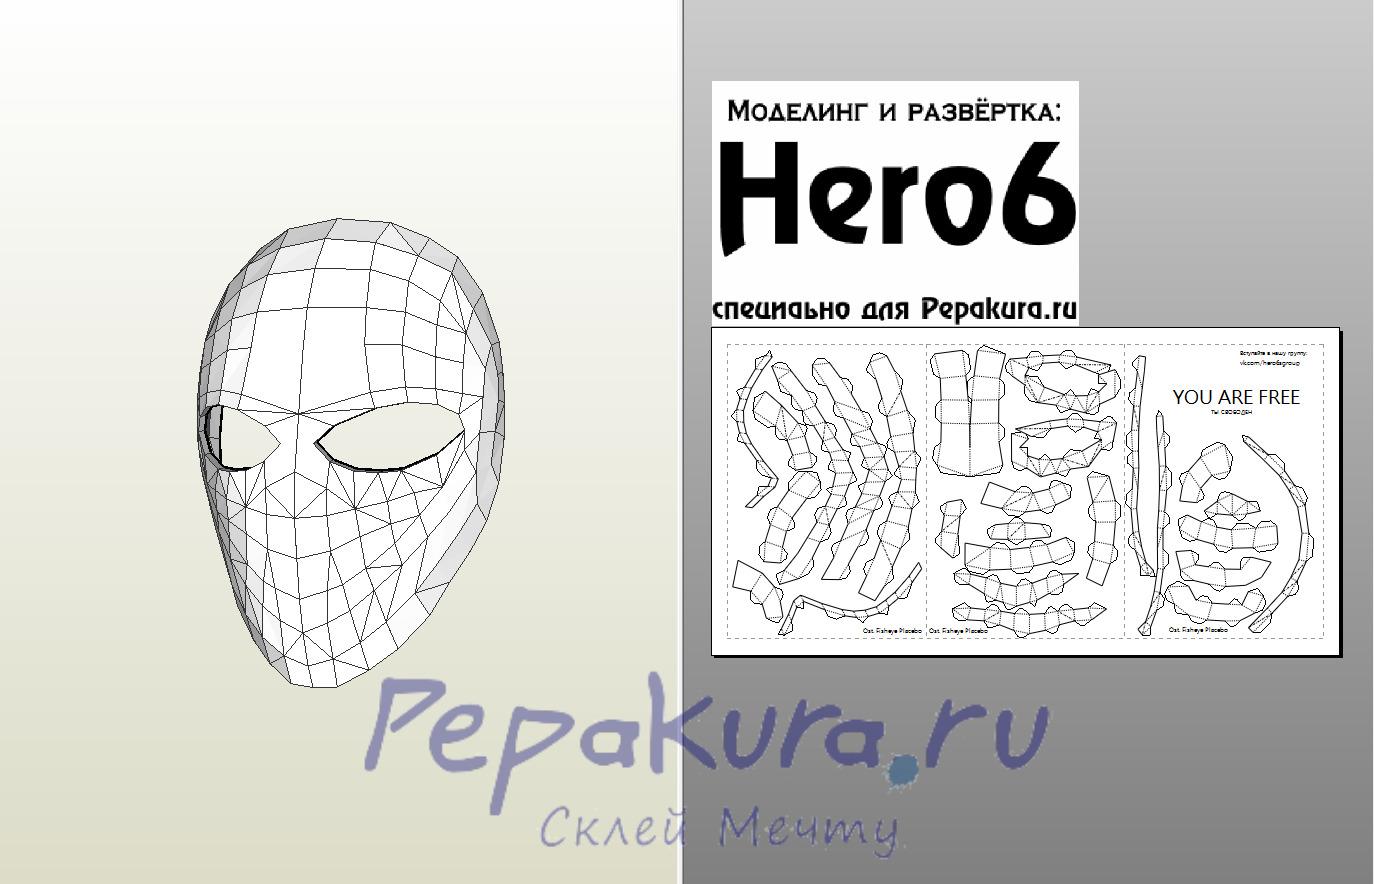 Как склеить бумажную модель с нуля Pepakura 58